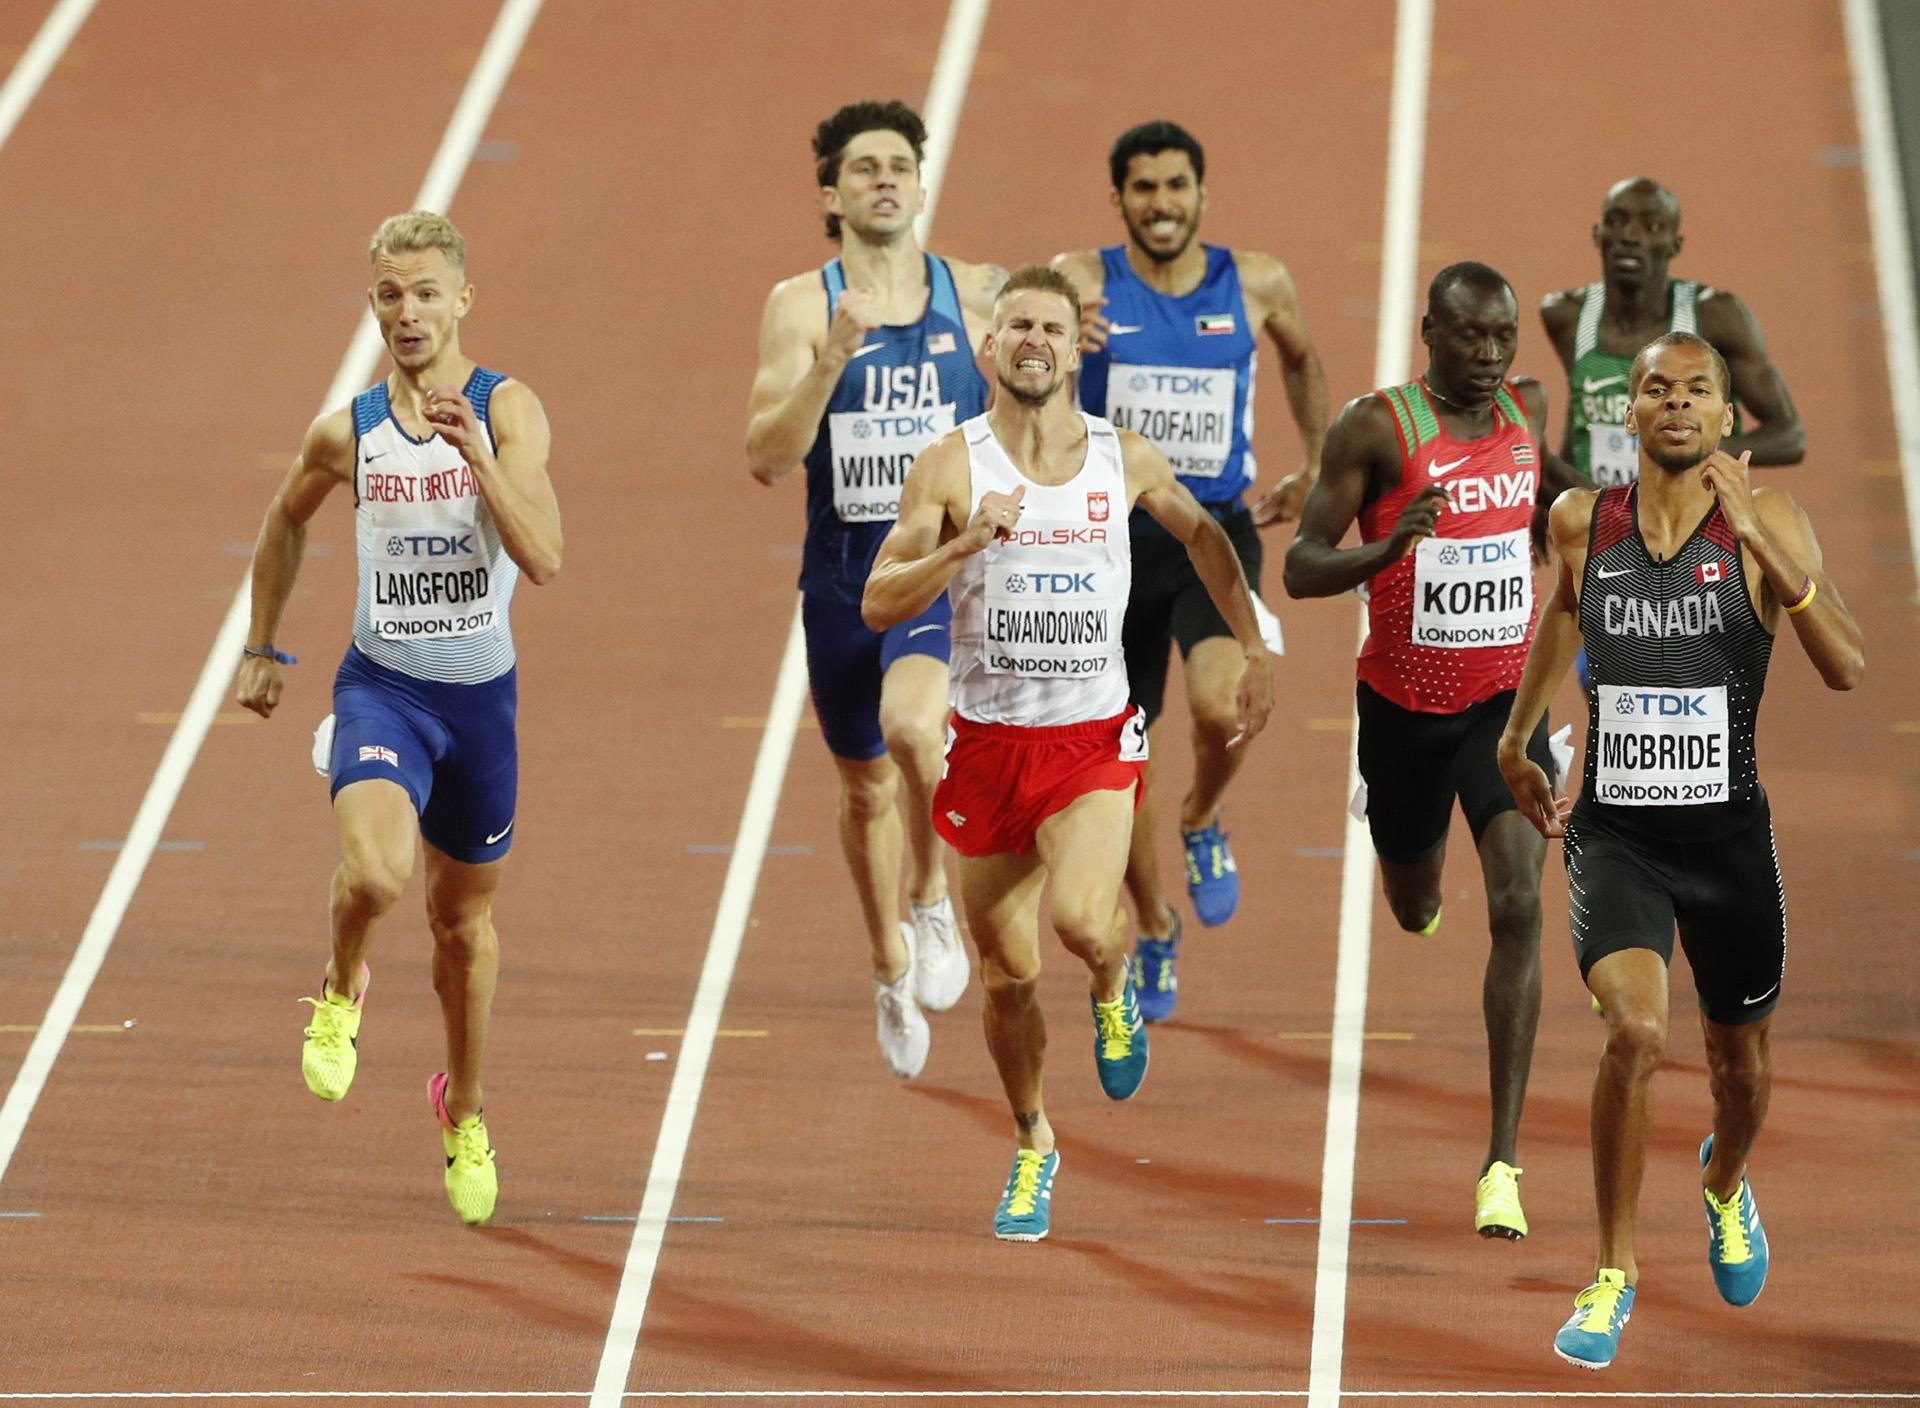 El esfuerzo de los corredores en la semifinal de los 800 metros